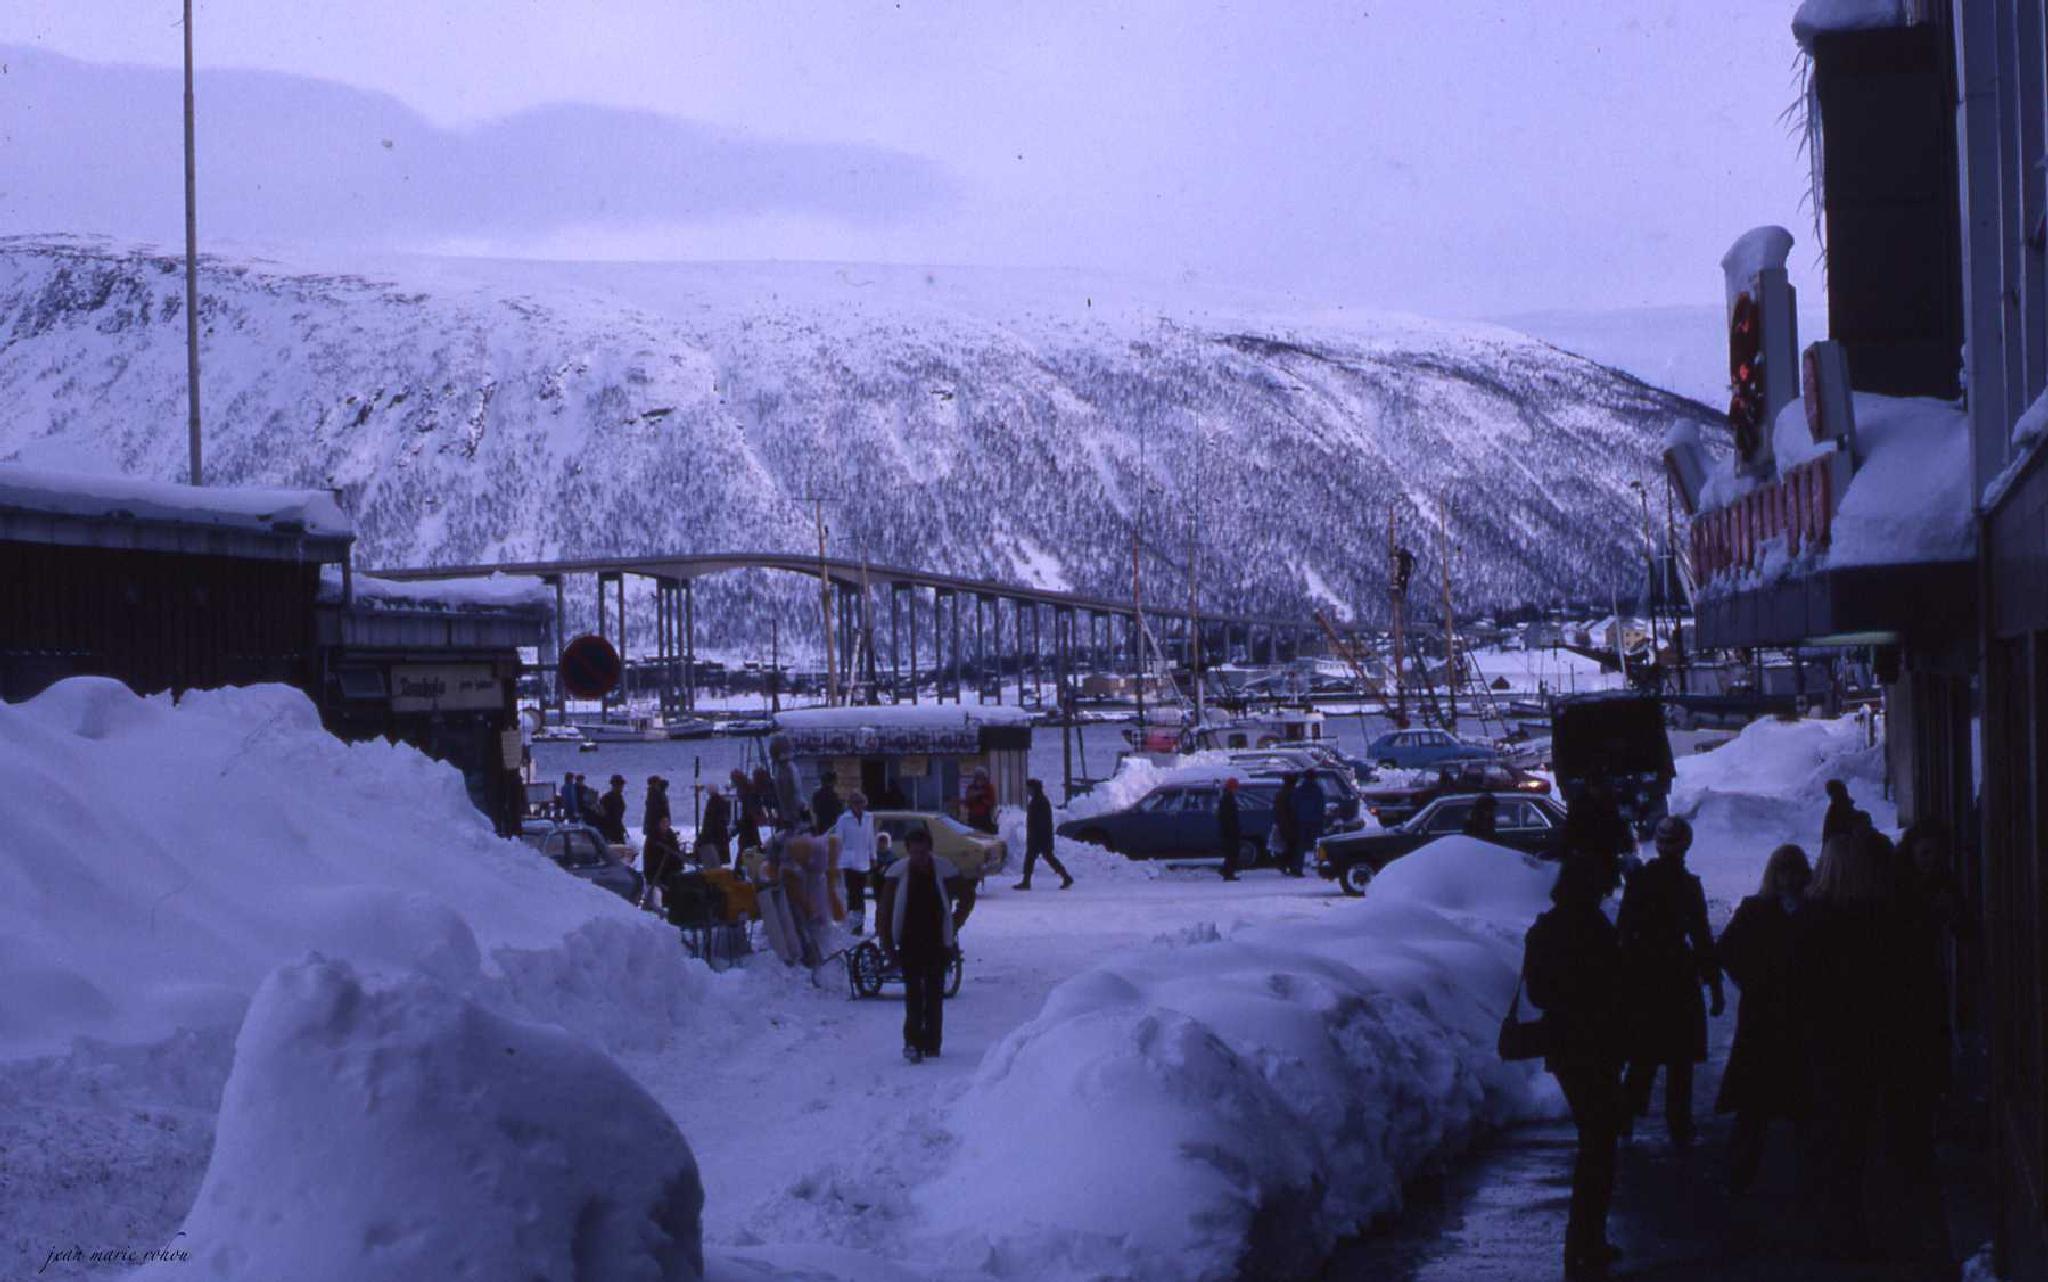 Tromso in winter by jean marie rohou